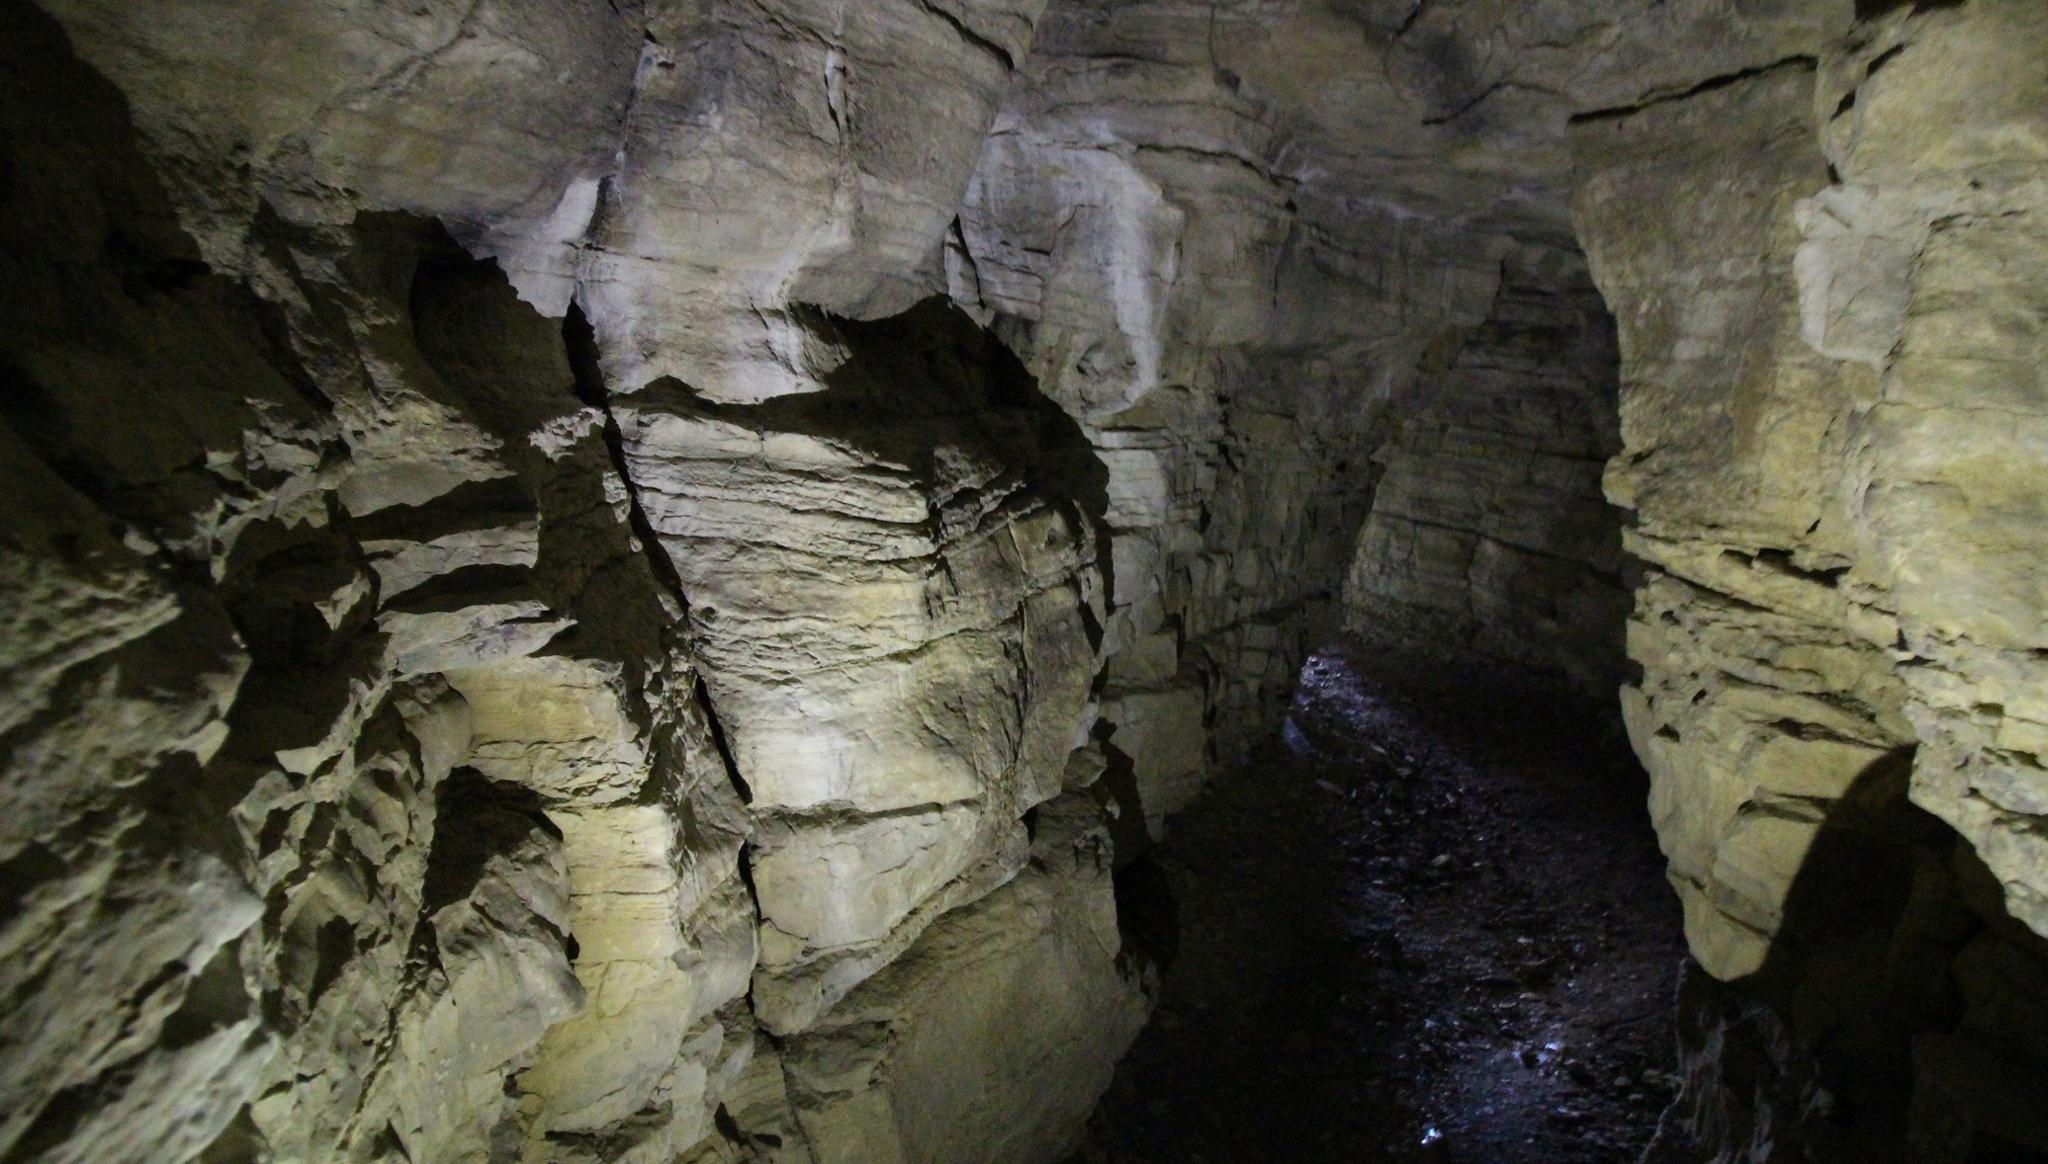 Venusgrotte In Den Hörselbergen Bei Eisenach Höhle